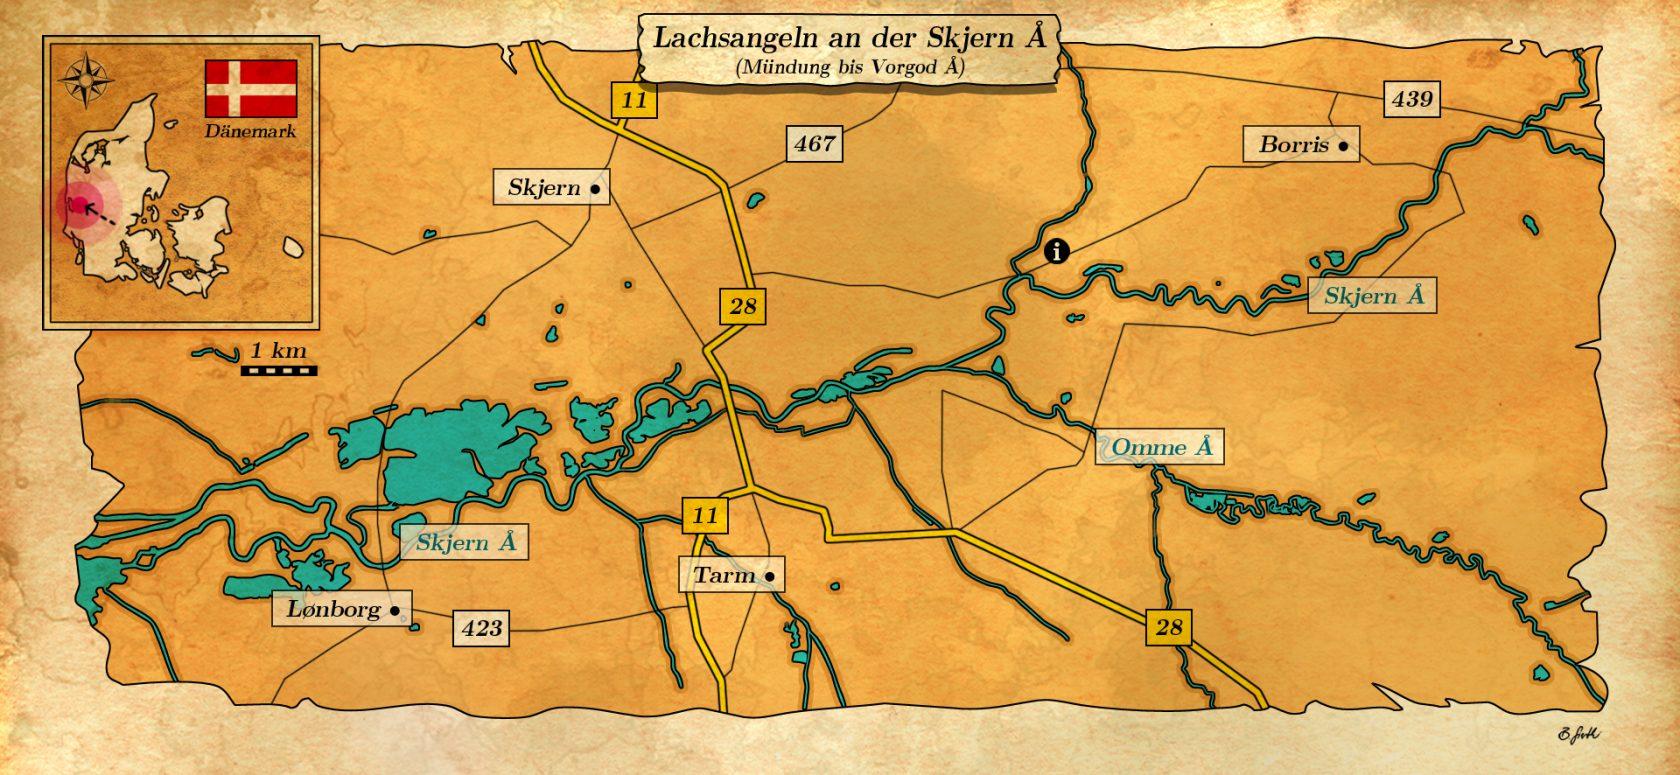 Karte über Lachsangeln an der Skjern Au